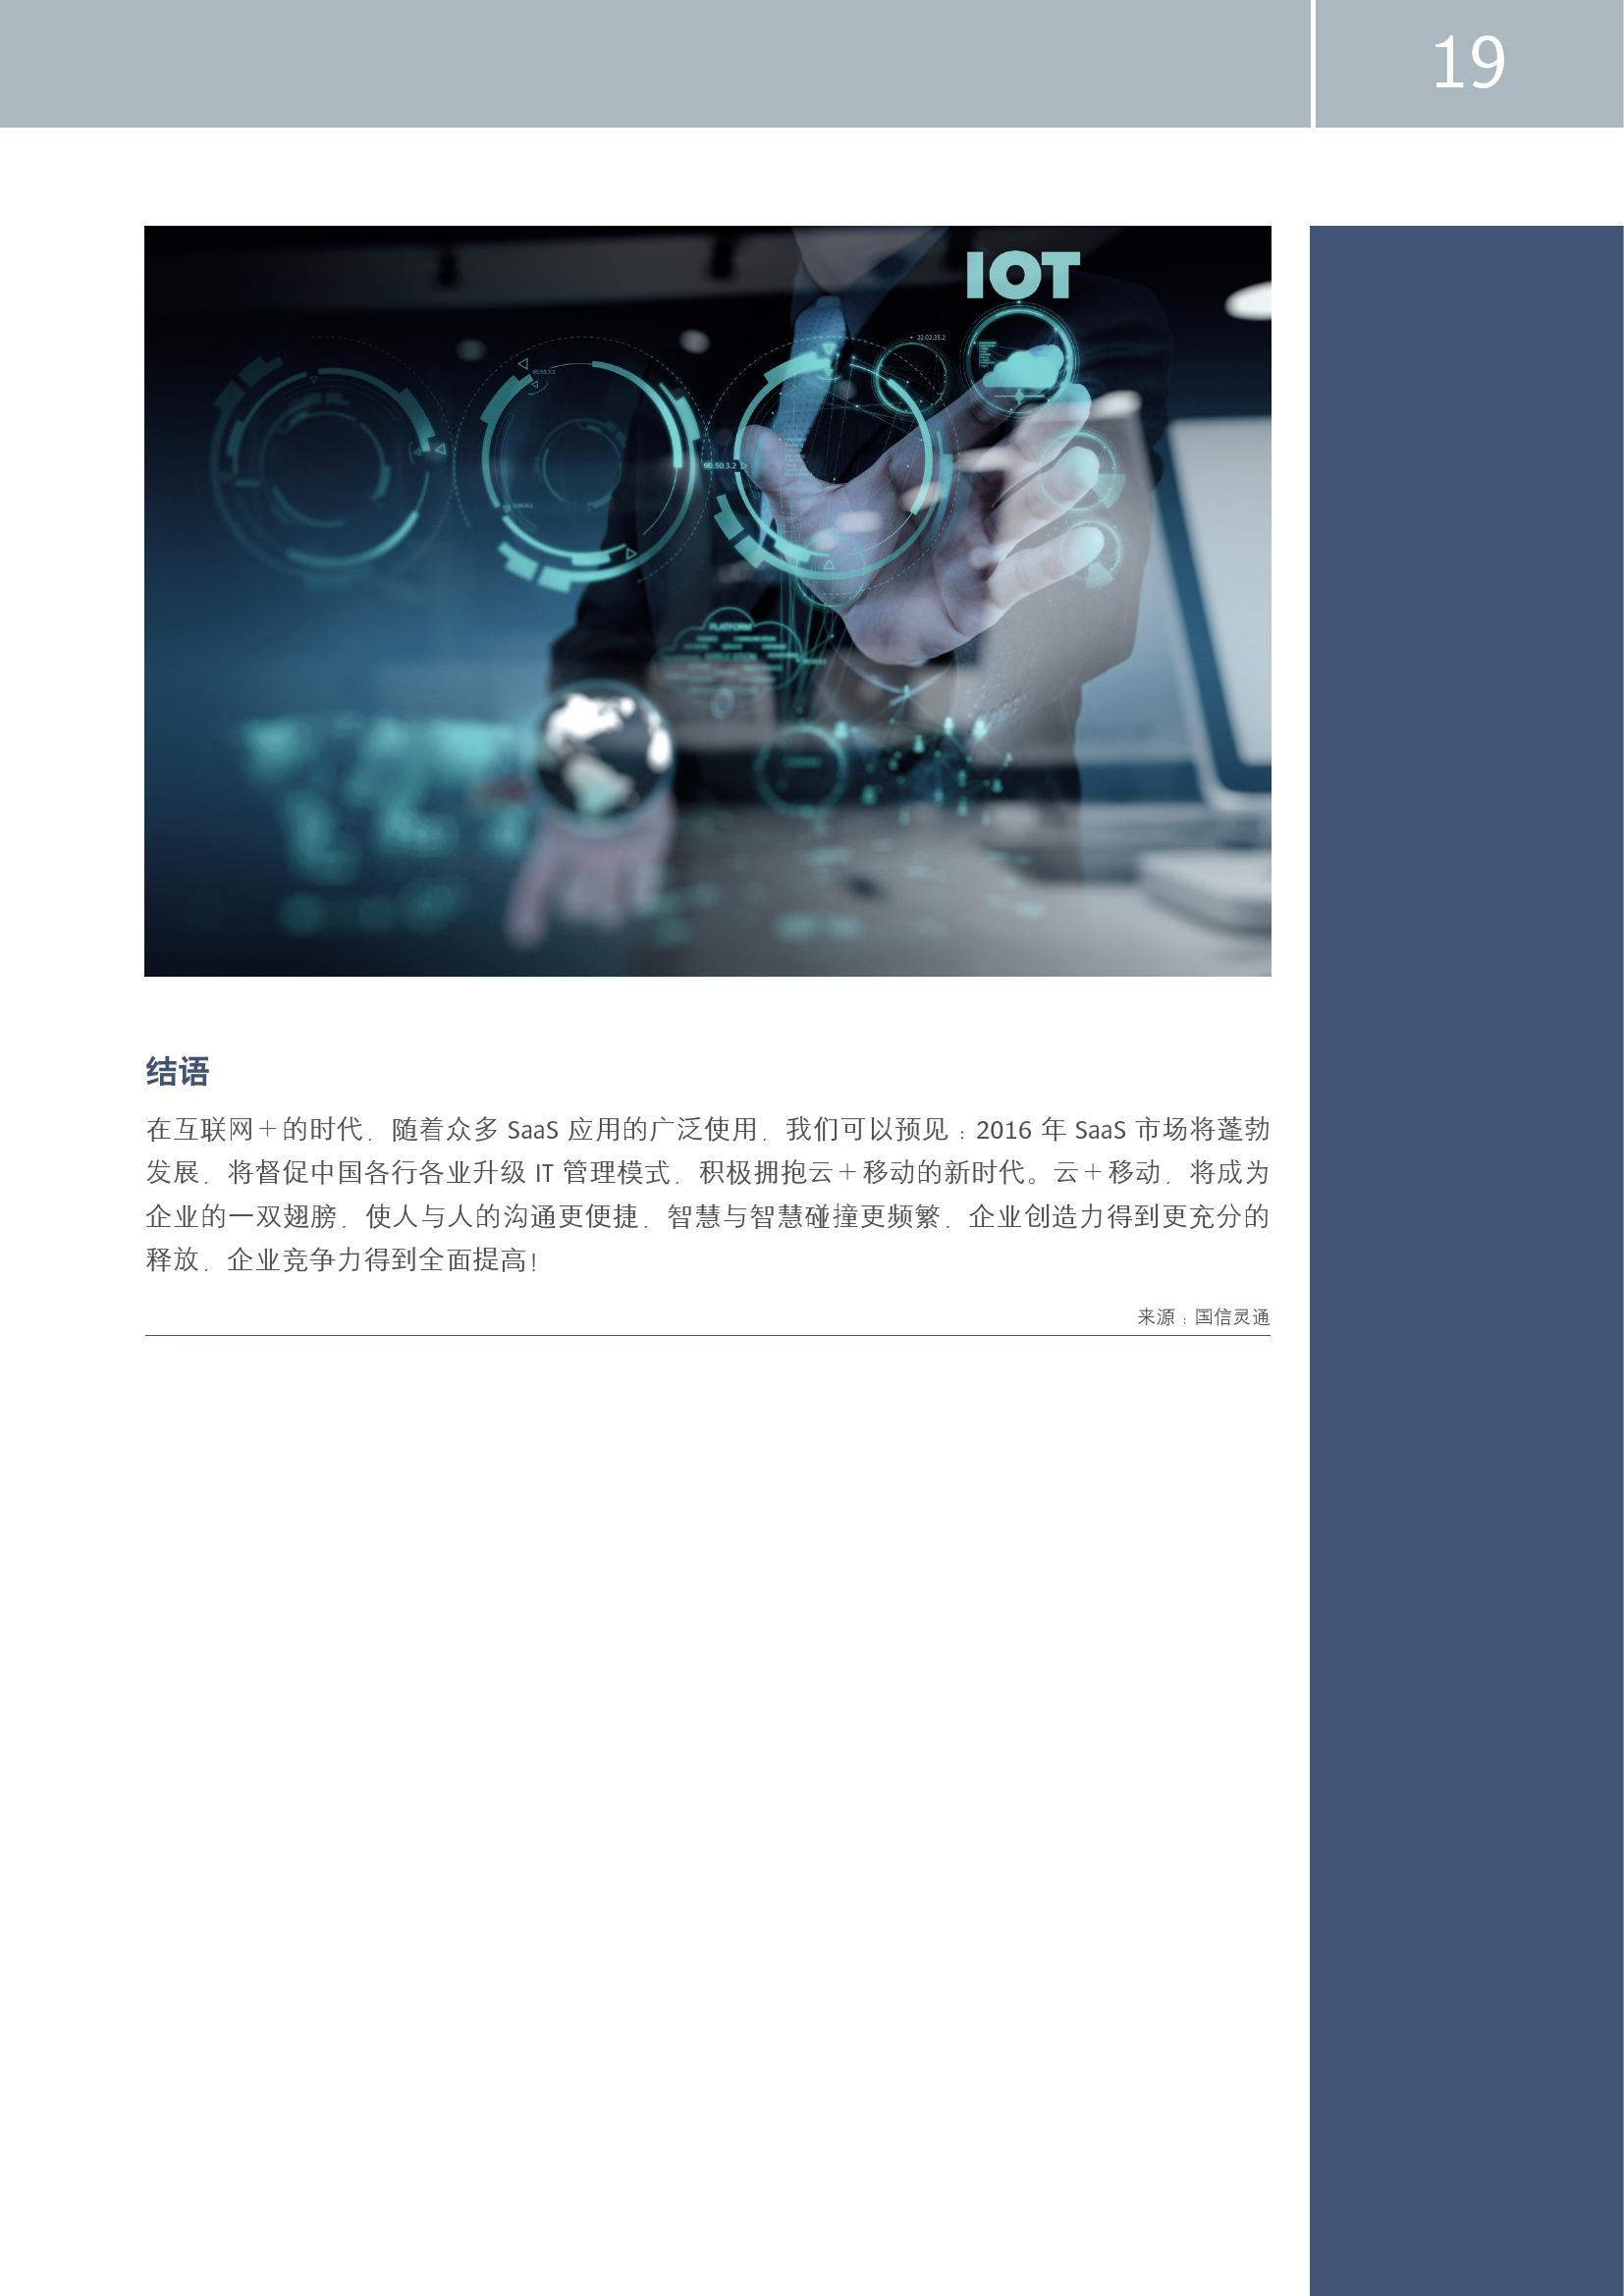 中国企业市场前瞻_000019